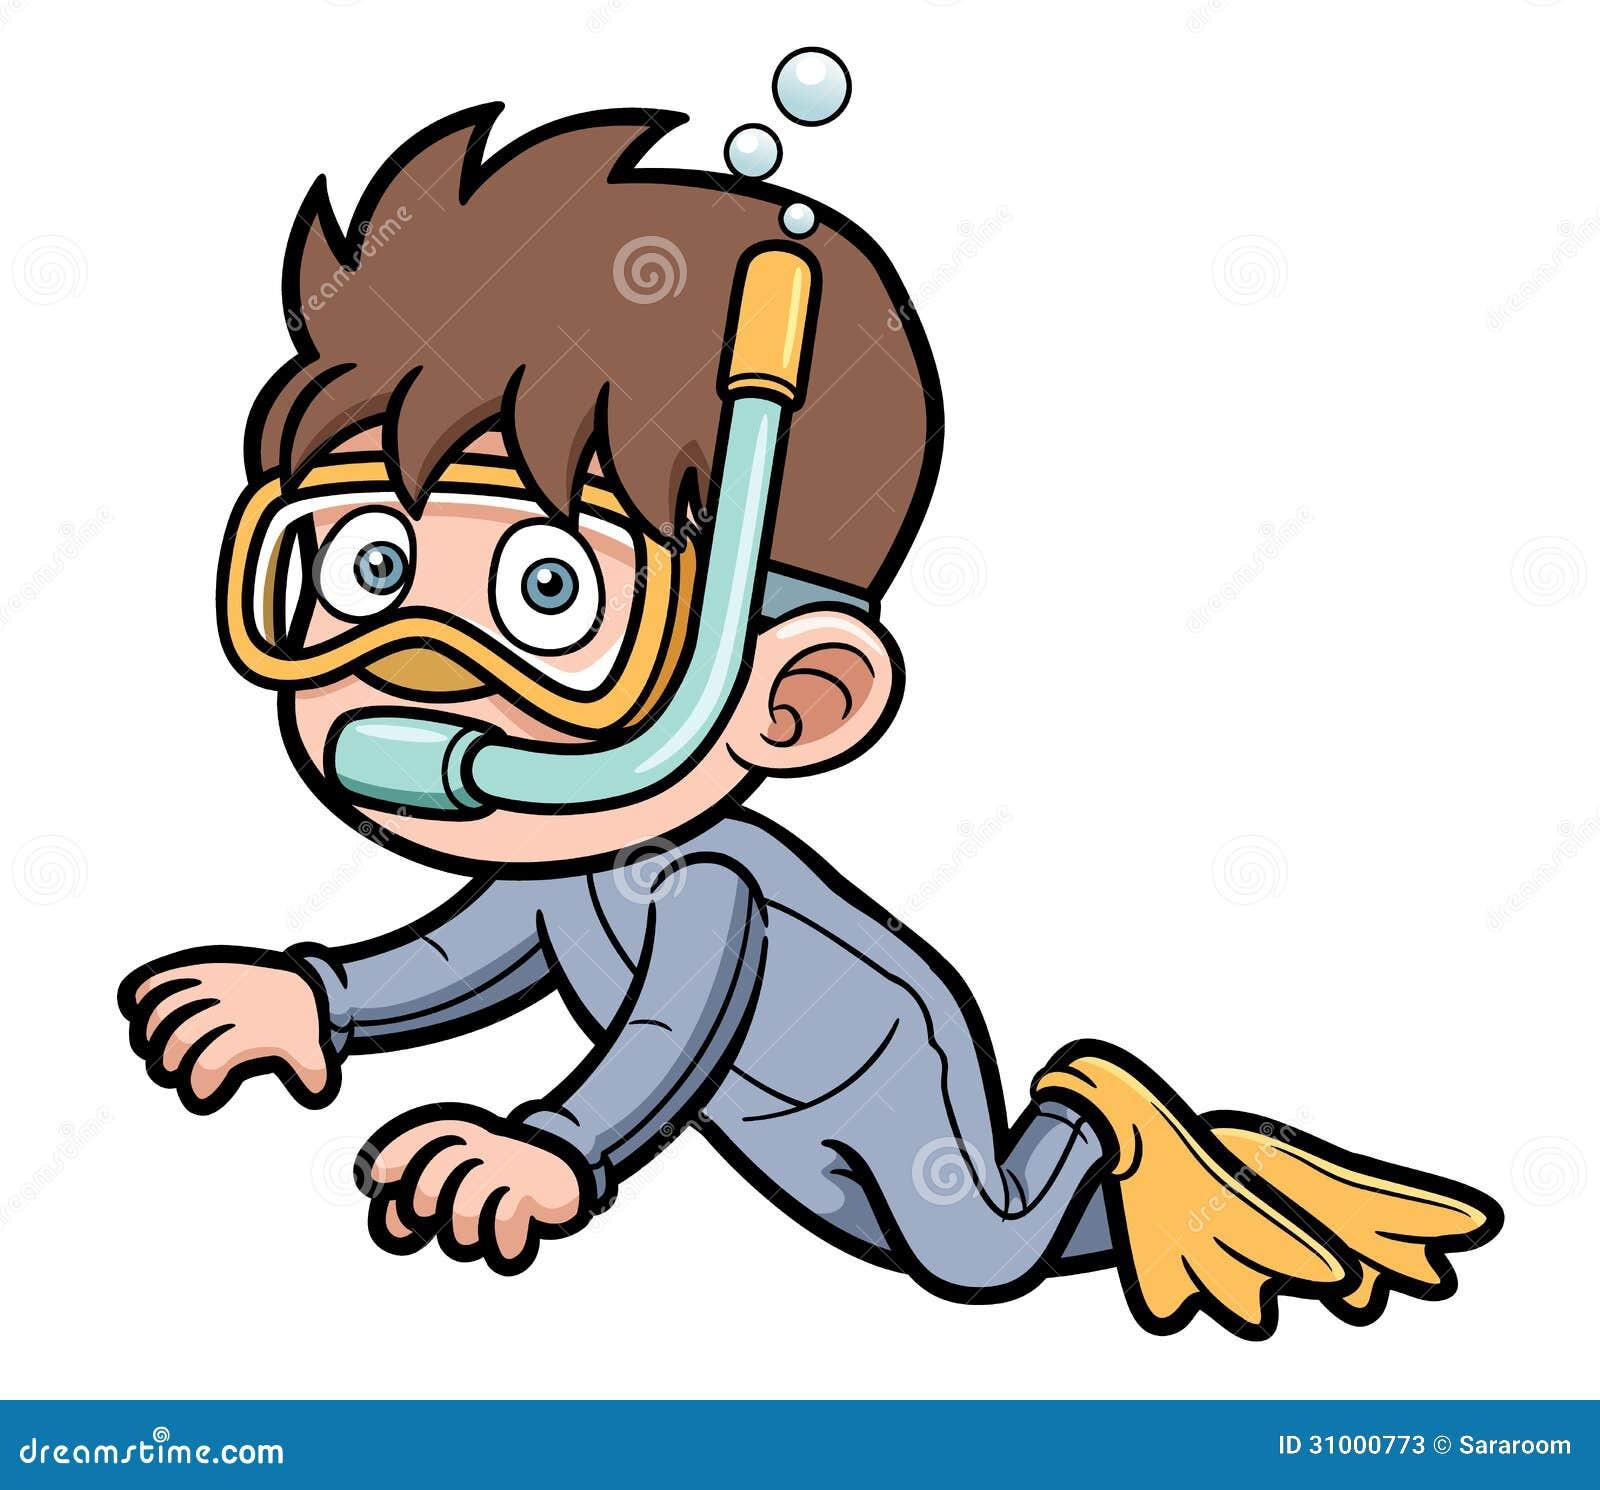 Snorkeling Kid Stock Photos - Image: 31000773